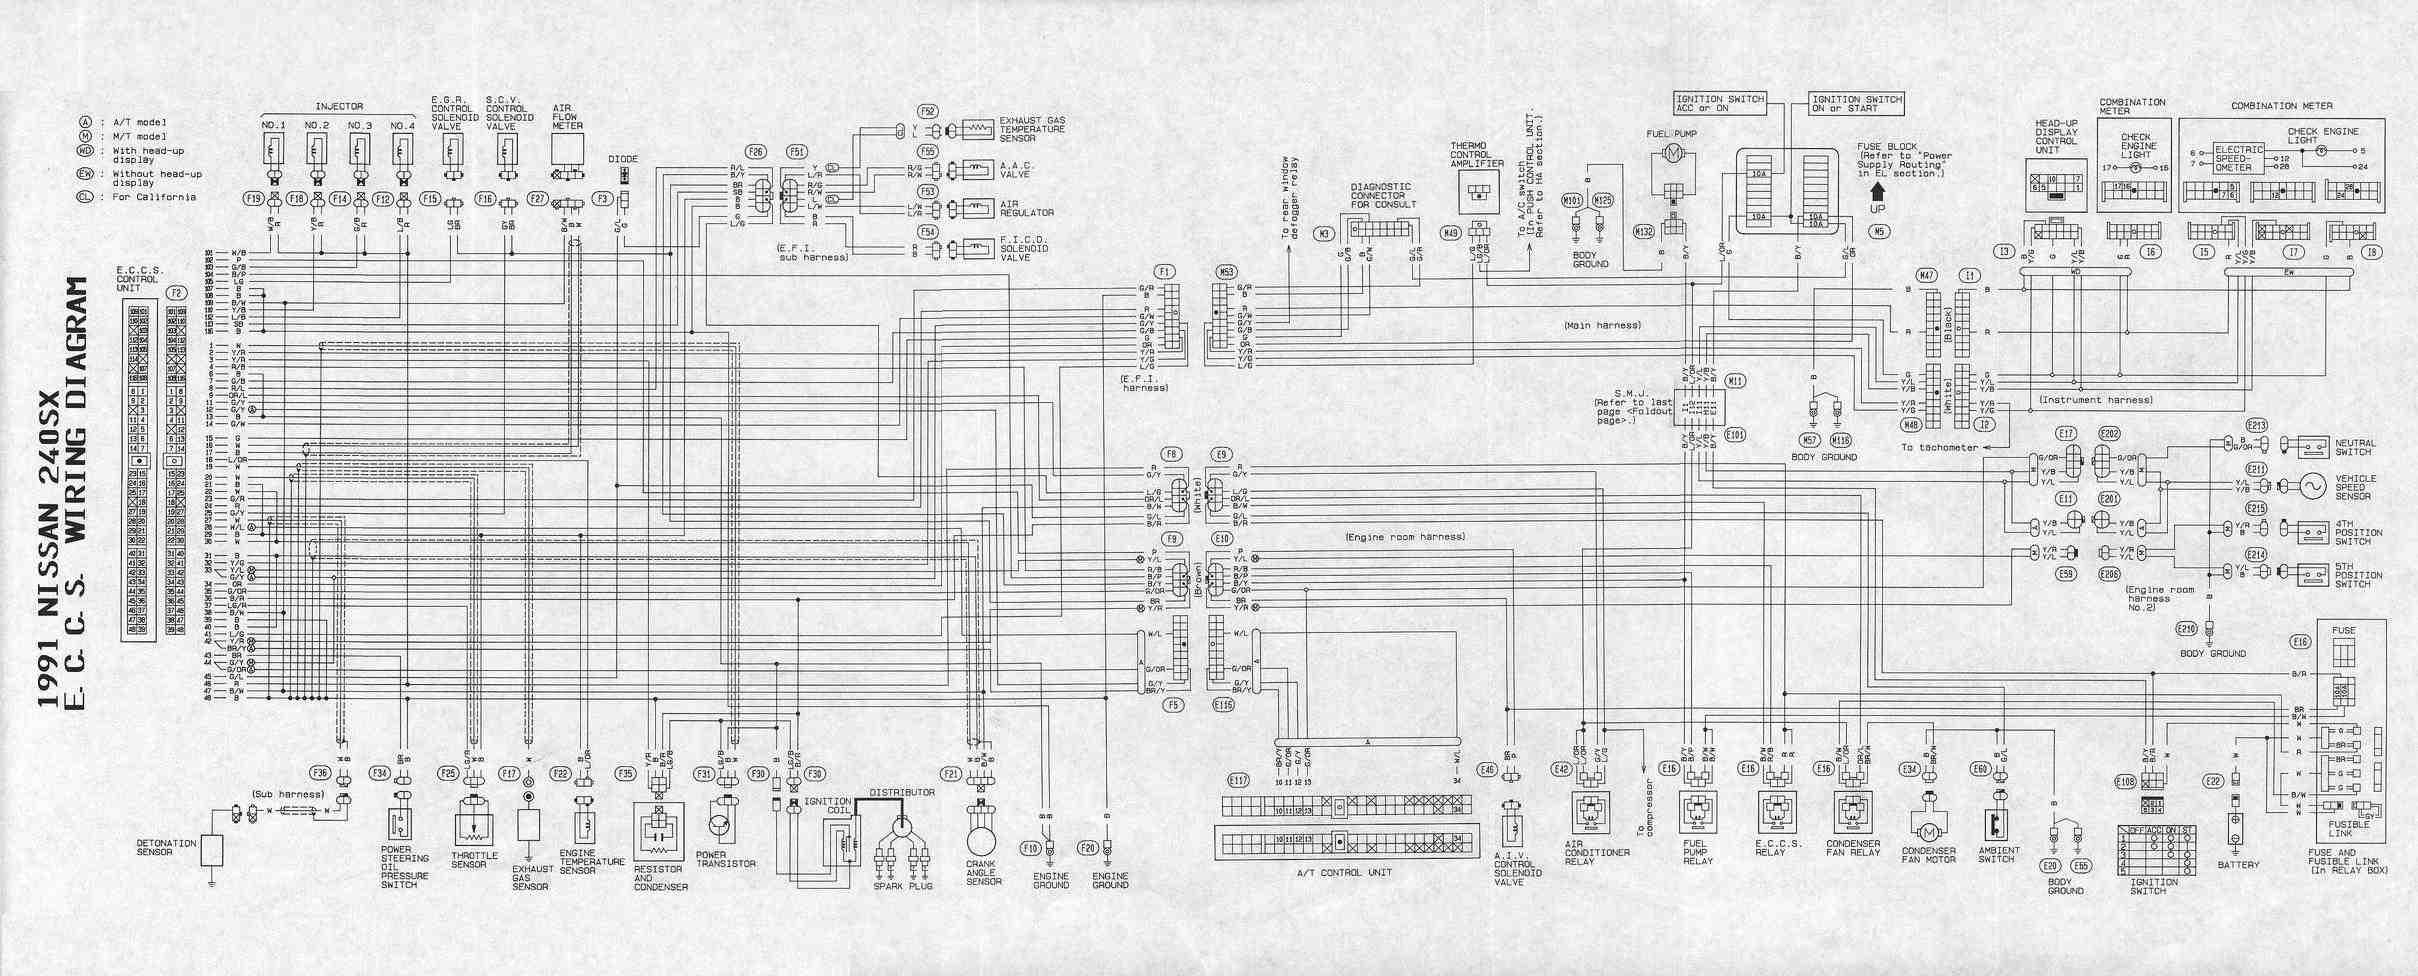 93 Sonoma Wiring Diagram - Schematics Wiring Diagrams •